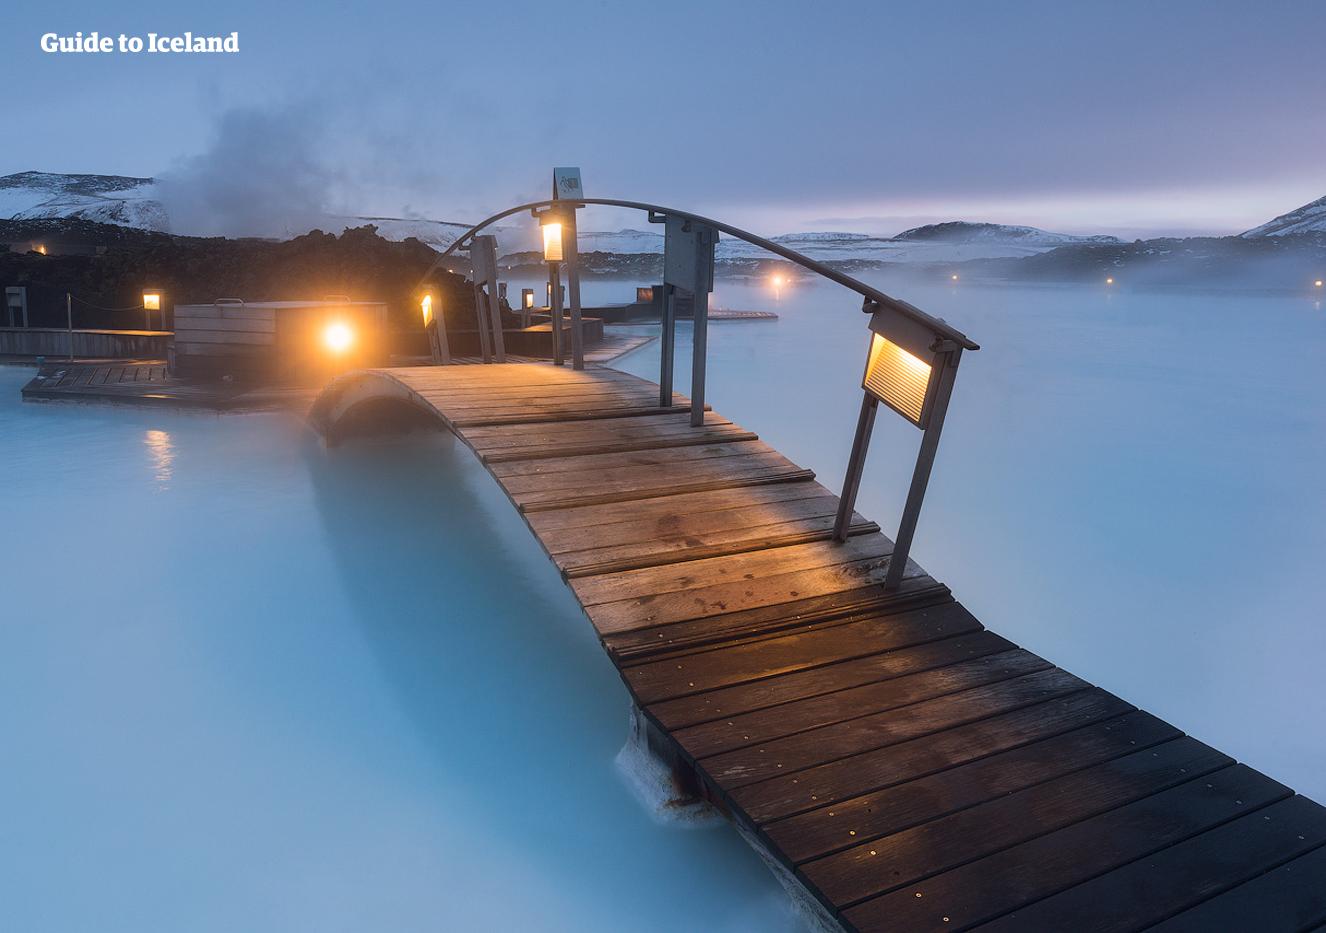 Посещение геотермального спа-комплекса  Голубая лагуна - лучший способ завершить ваше путешествие по Исландии.